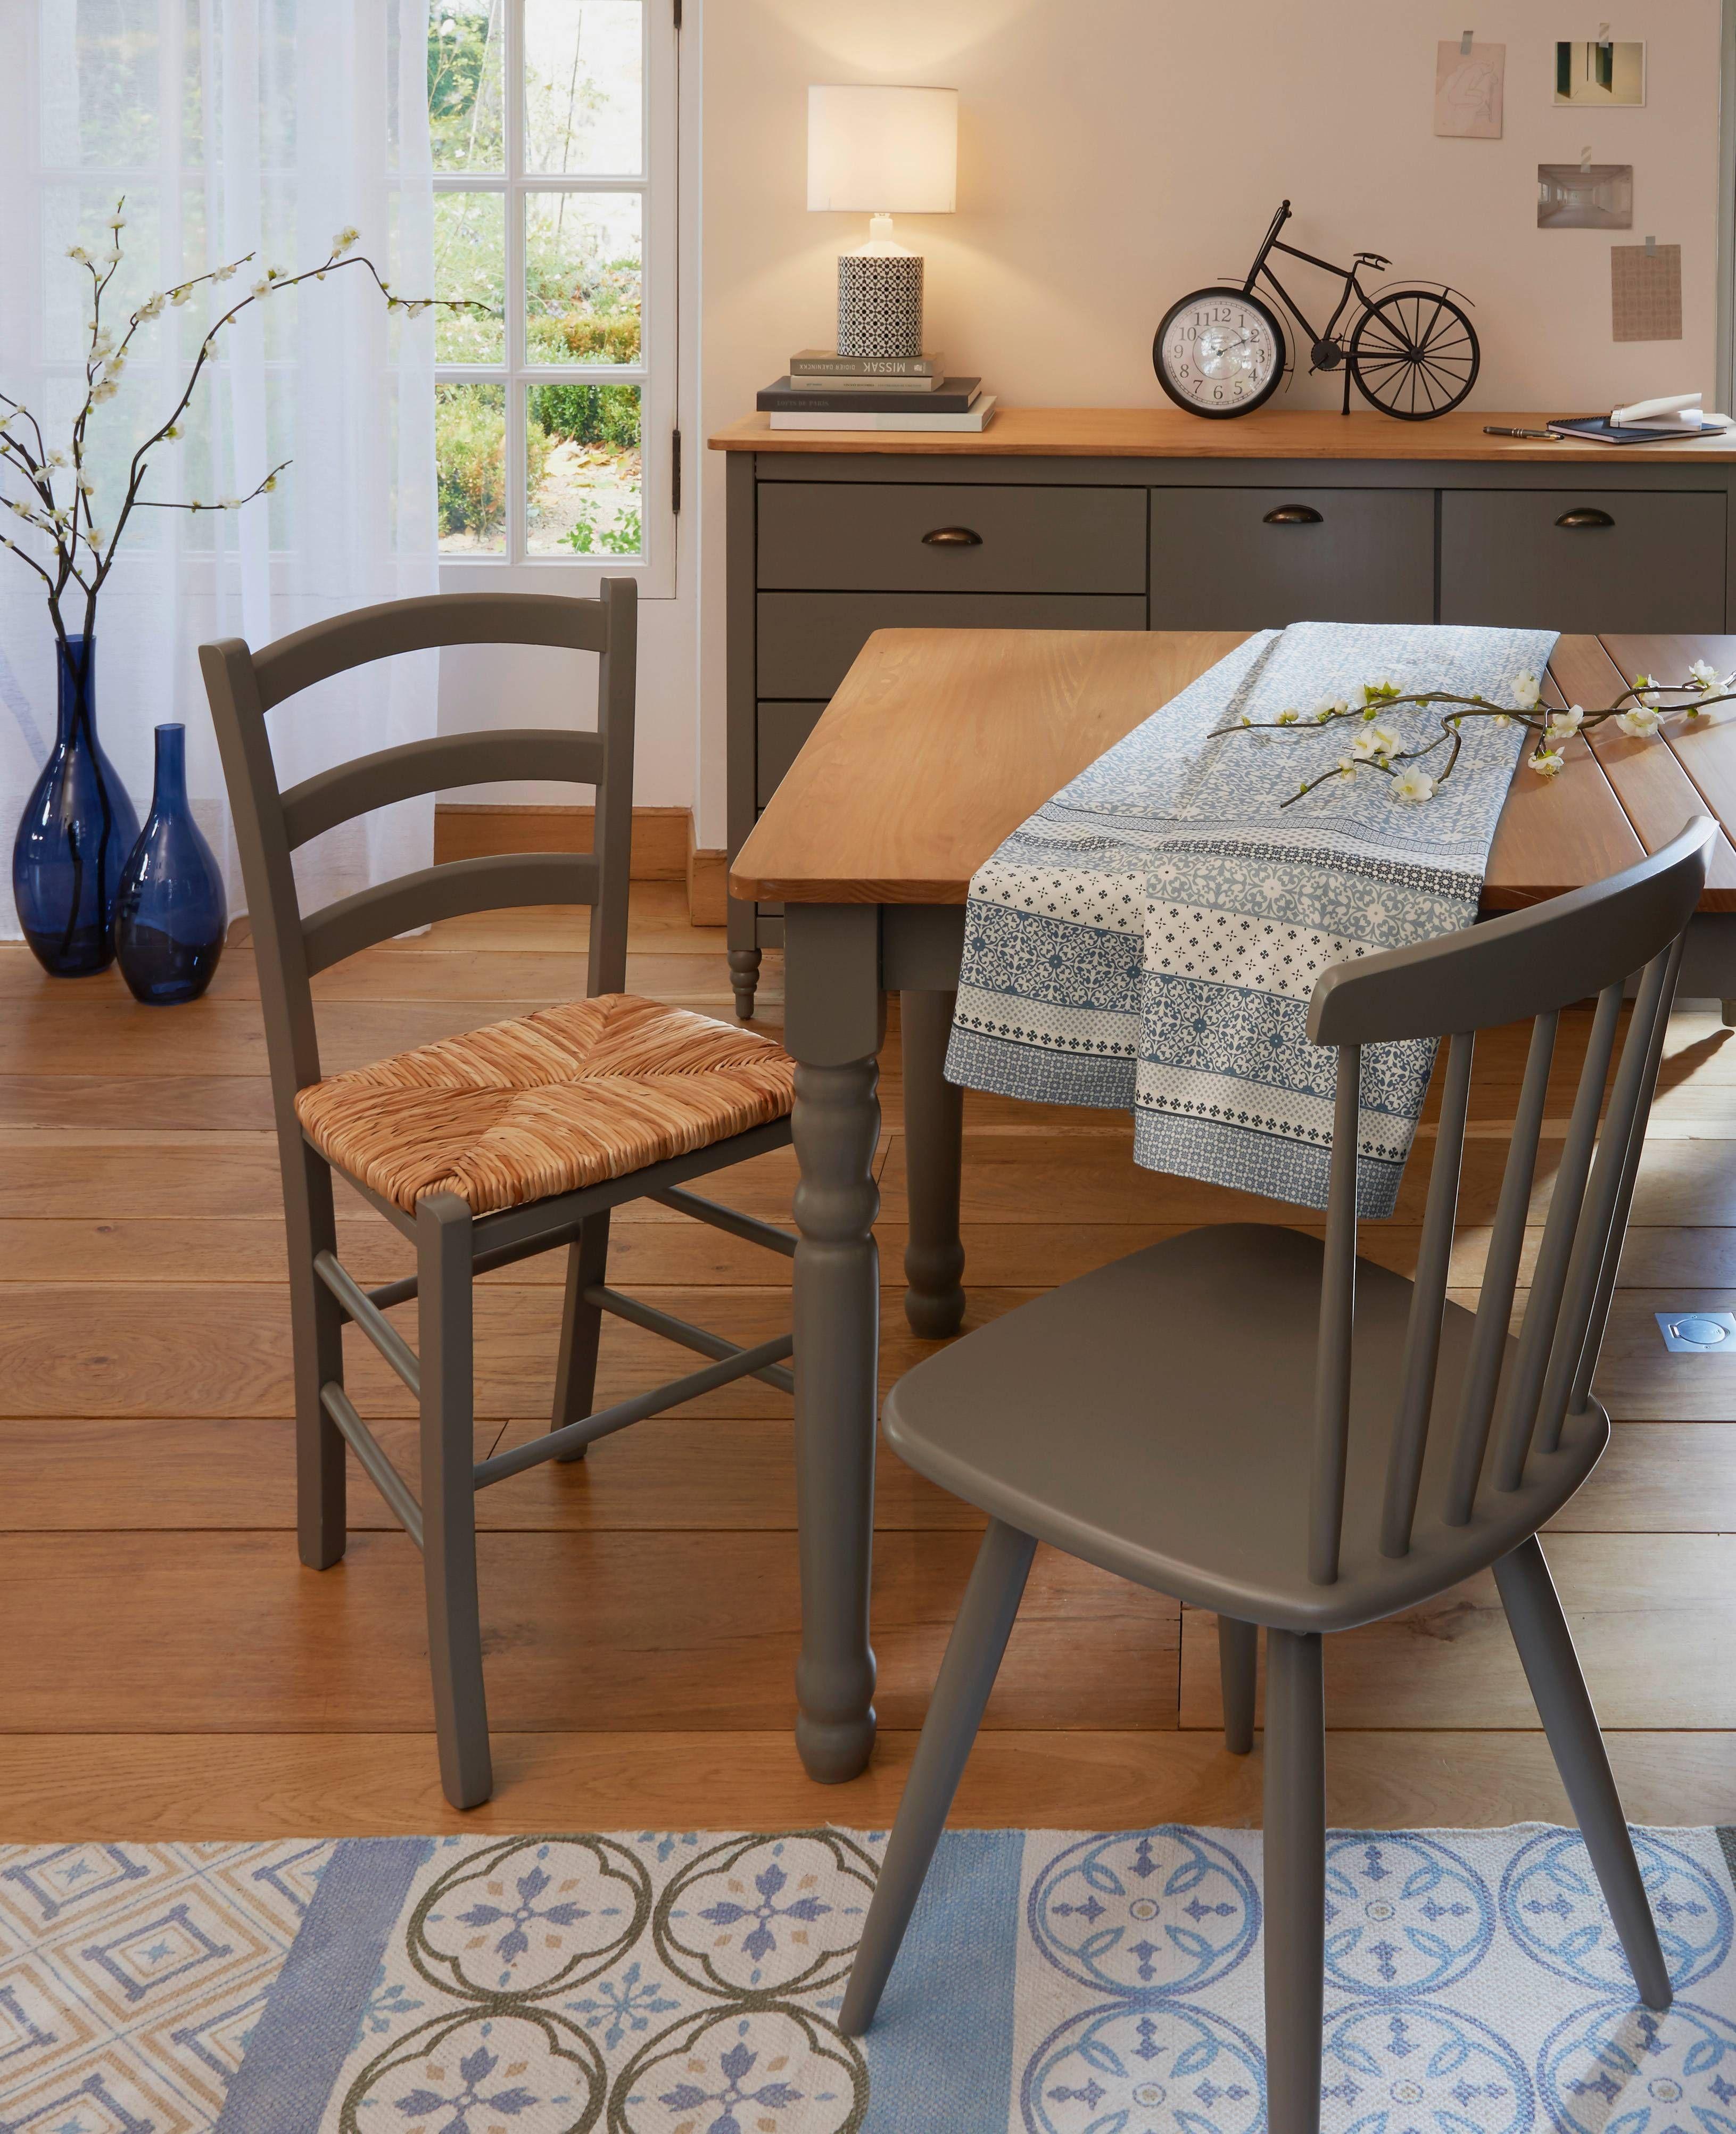 Salle à manger rustique gris taupe - Carrefour Home | Decoration ...